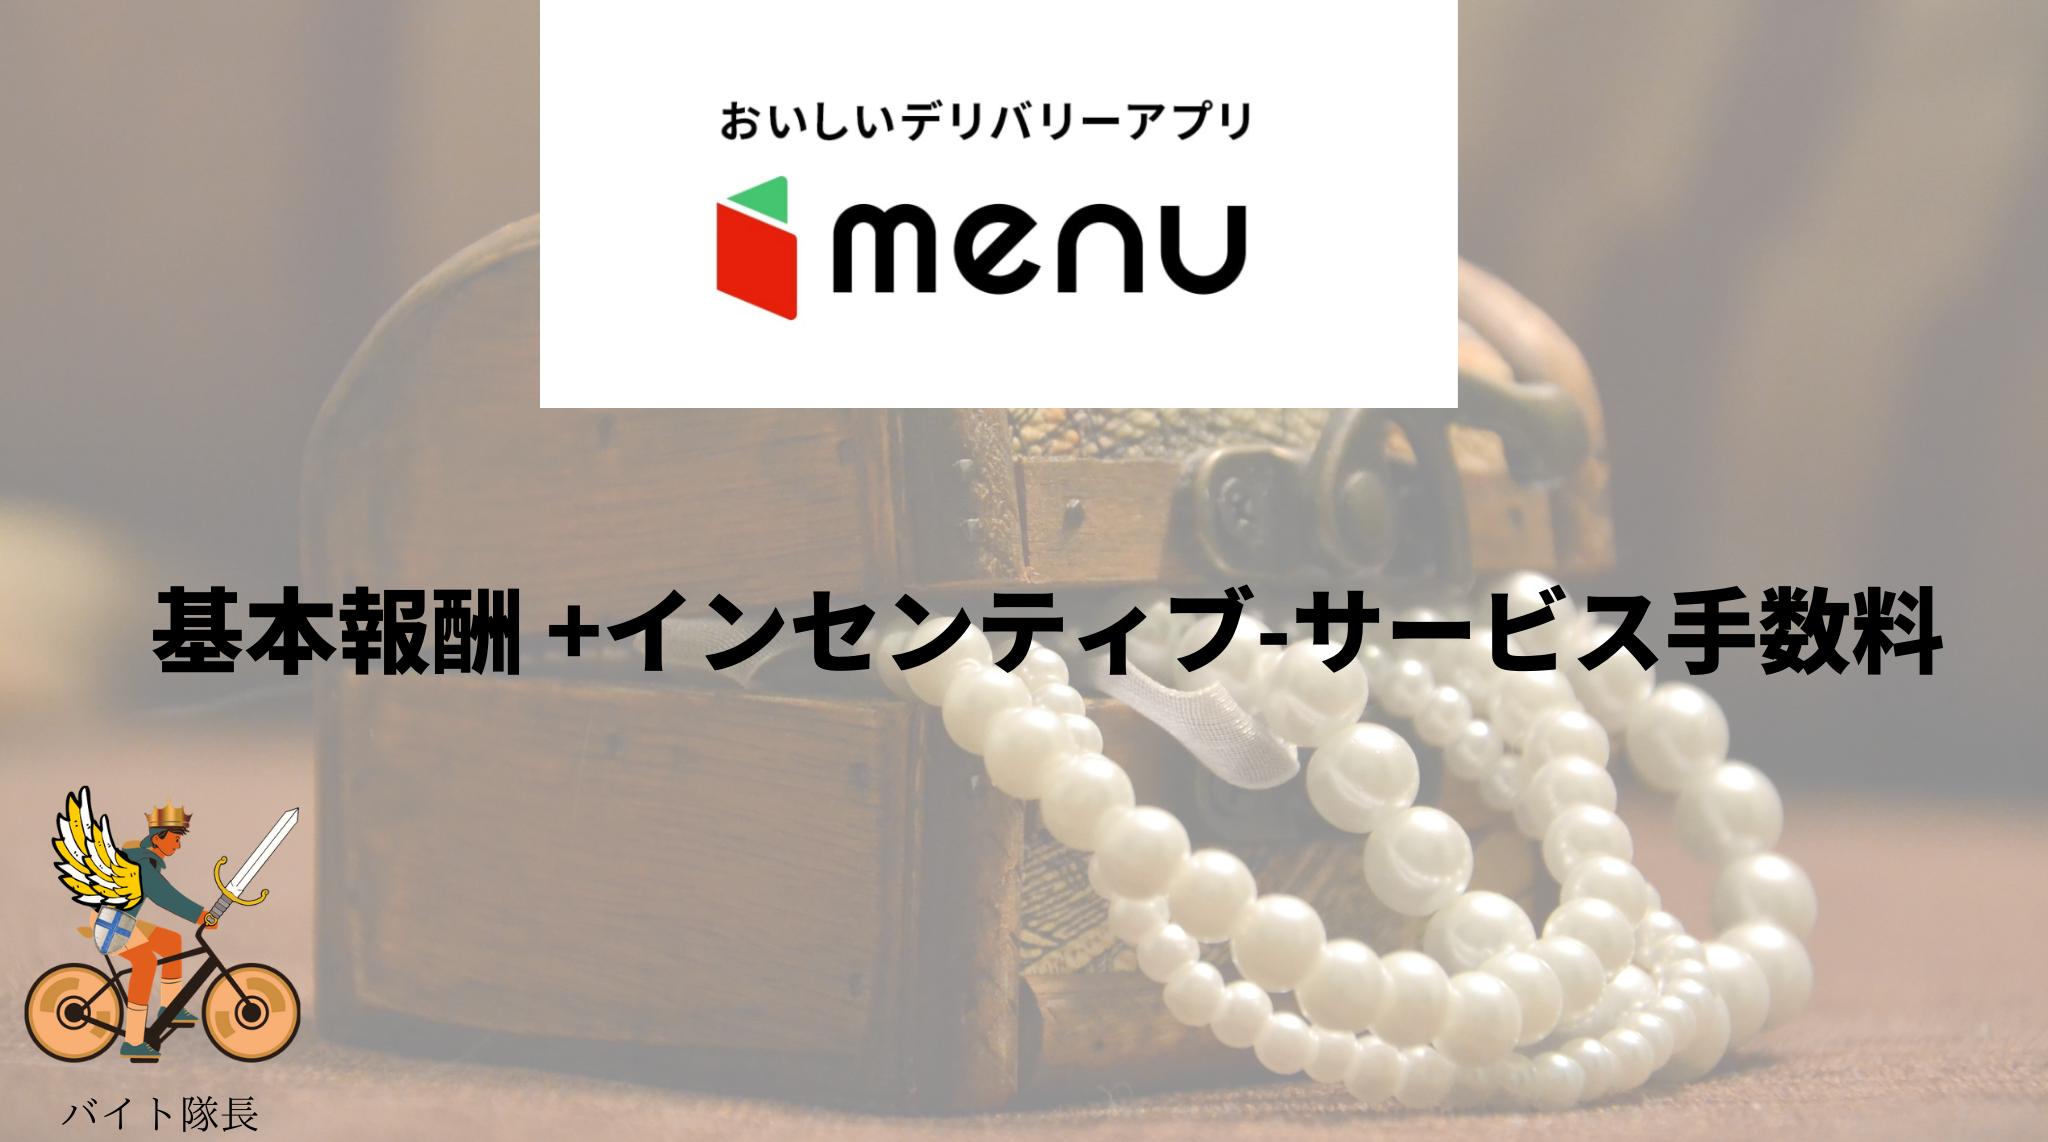 menu配達員の報酬制度と仕組み